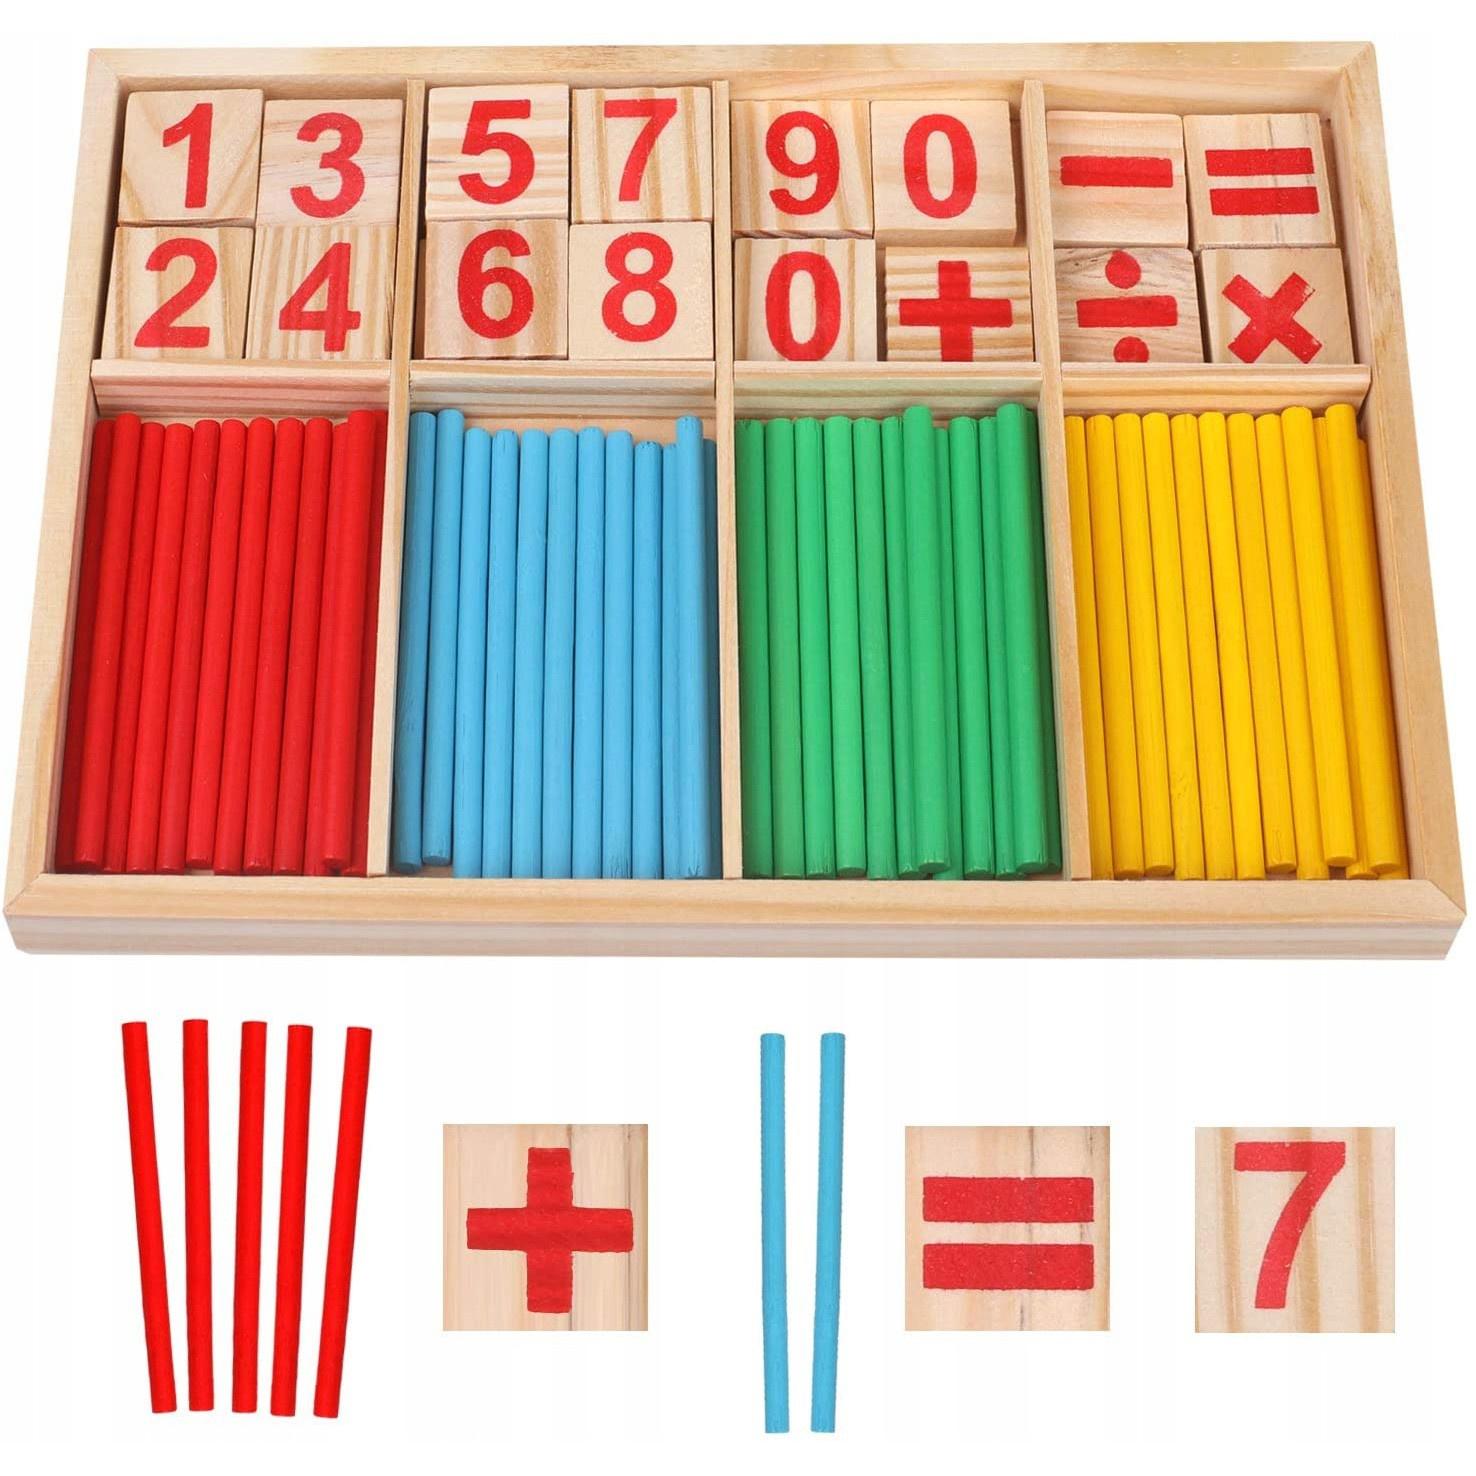 Drevené čísla, paličky na výučbu matematiky pre deti 23x15x1,7cm megamix.sk